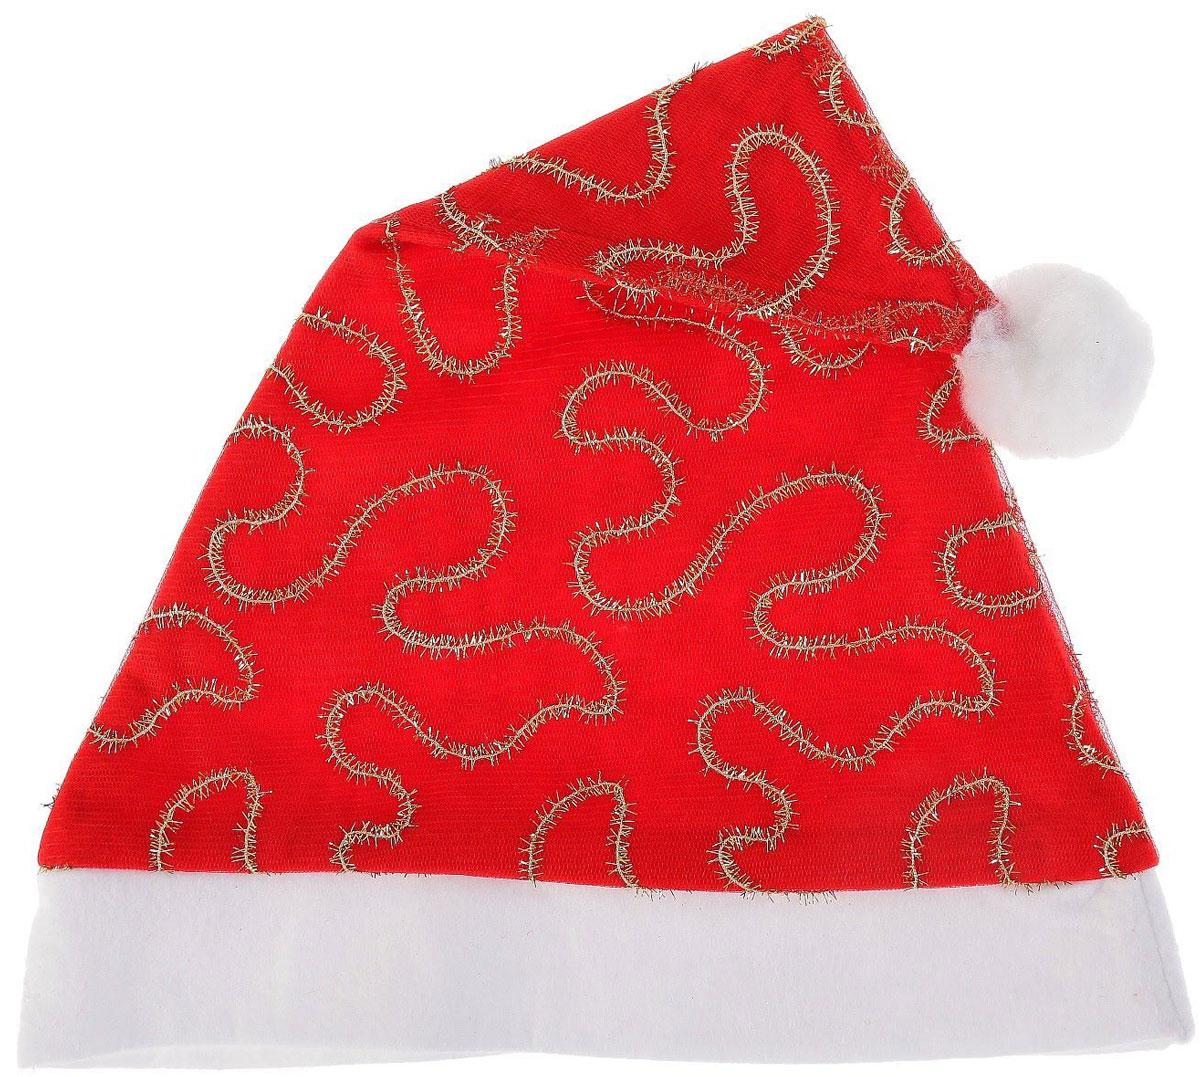 Колпак новогодний Лабиринт, 28 х 40 см. 13906441390644Поддайтесь новогоднему веселью на полную катушку! Забавный колпак в секунду создаст праздничное настроение, будь то поздравление ребятишек или вечеринка с друзьями. Размер изделия универсальный: аксессуар подойдет как для ребенка, так и для взрослого. А мягкий текстиль позволит носить колпак с комфортом на протяжении всей новогодней ночи.